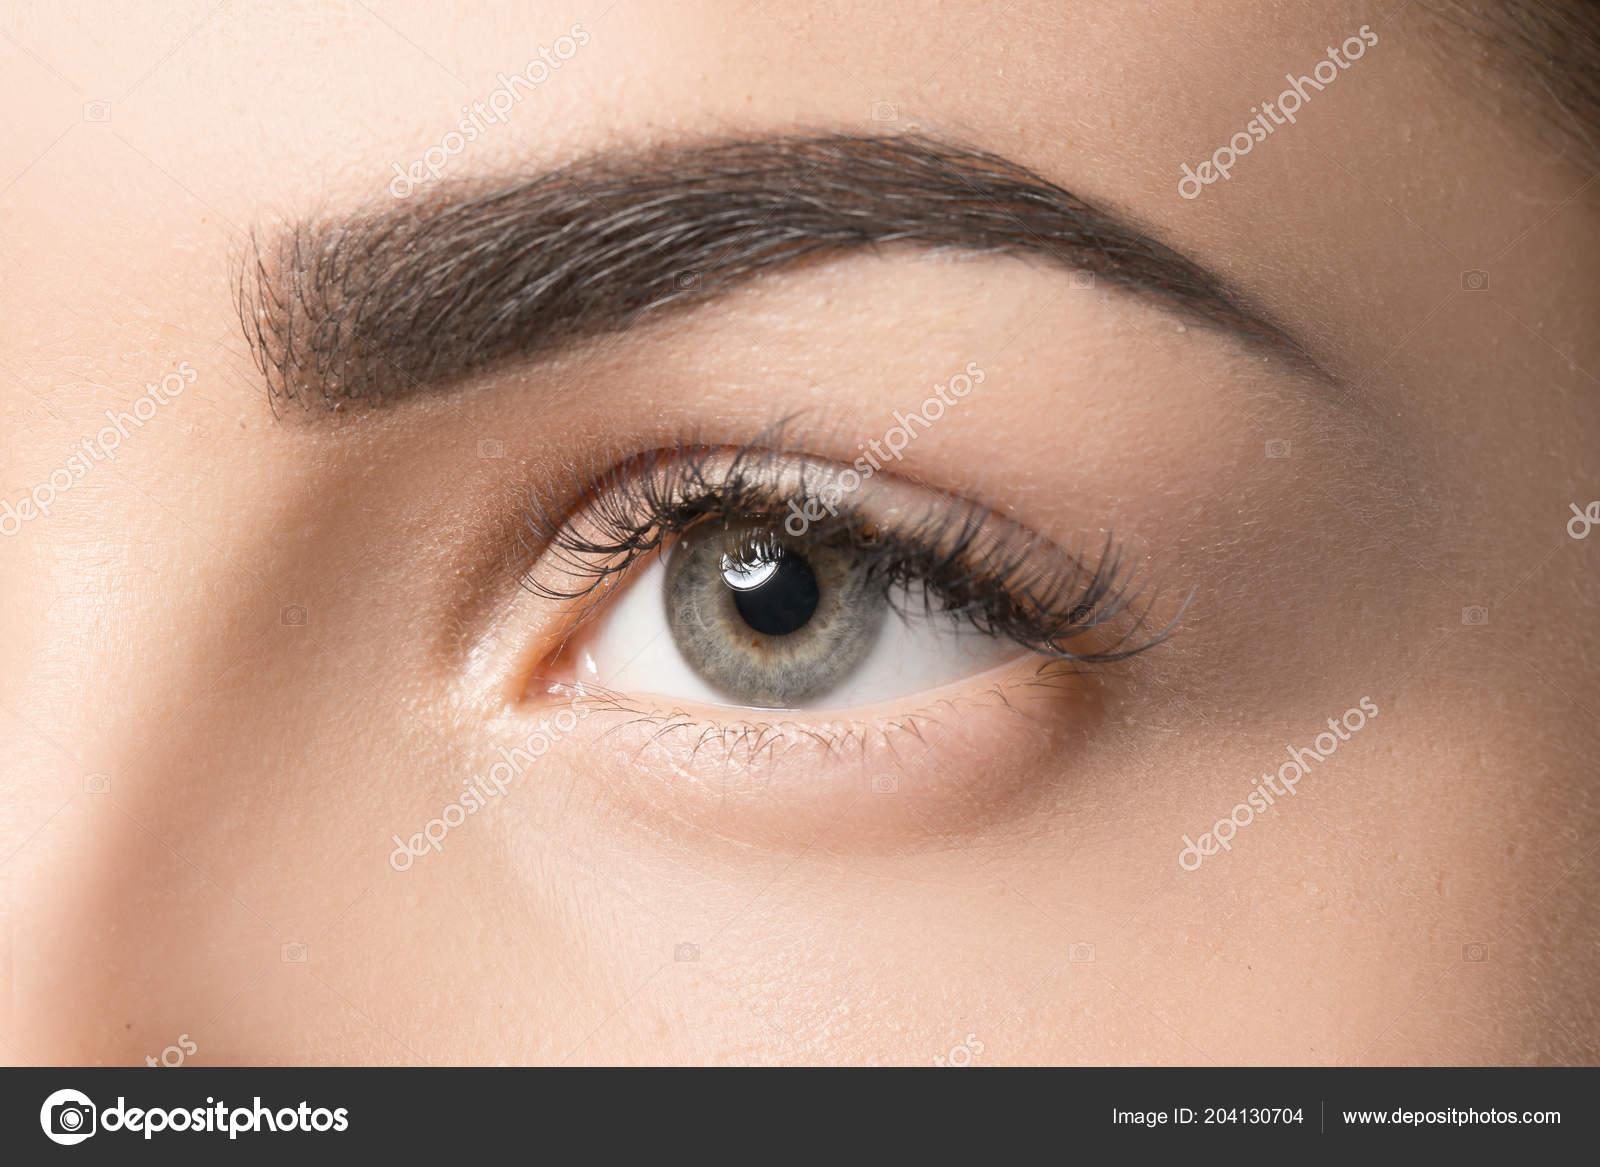 Young Woman Permanent Eyebrows Makeup Closeup Stock Photo